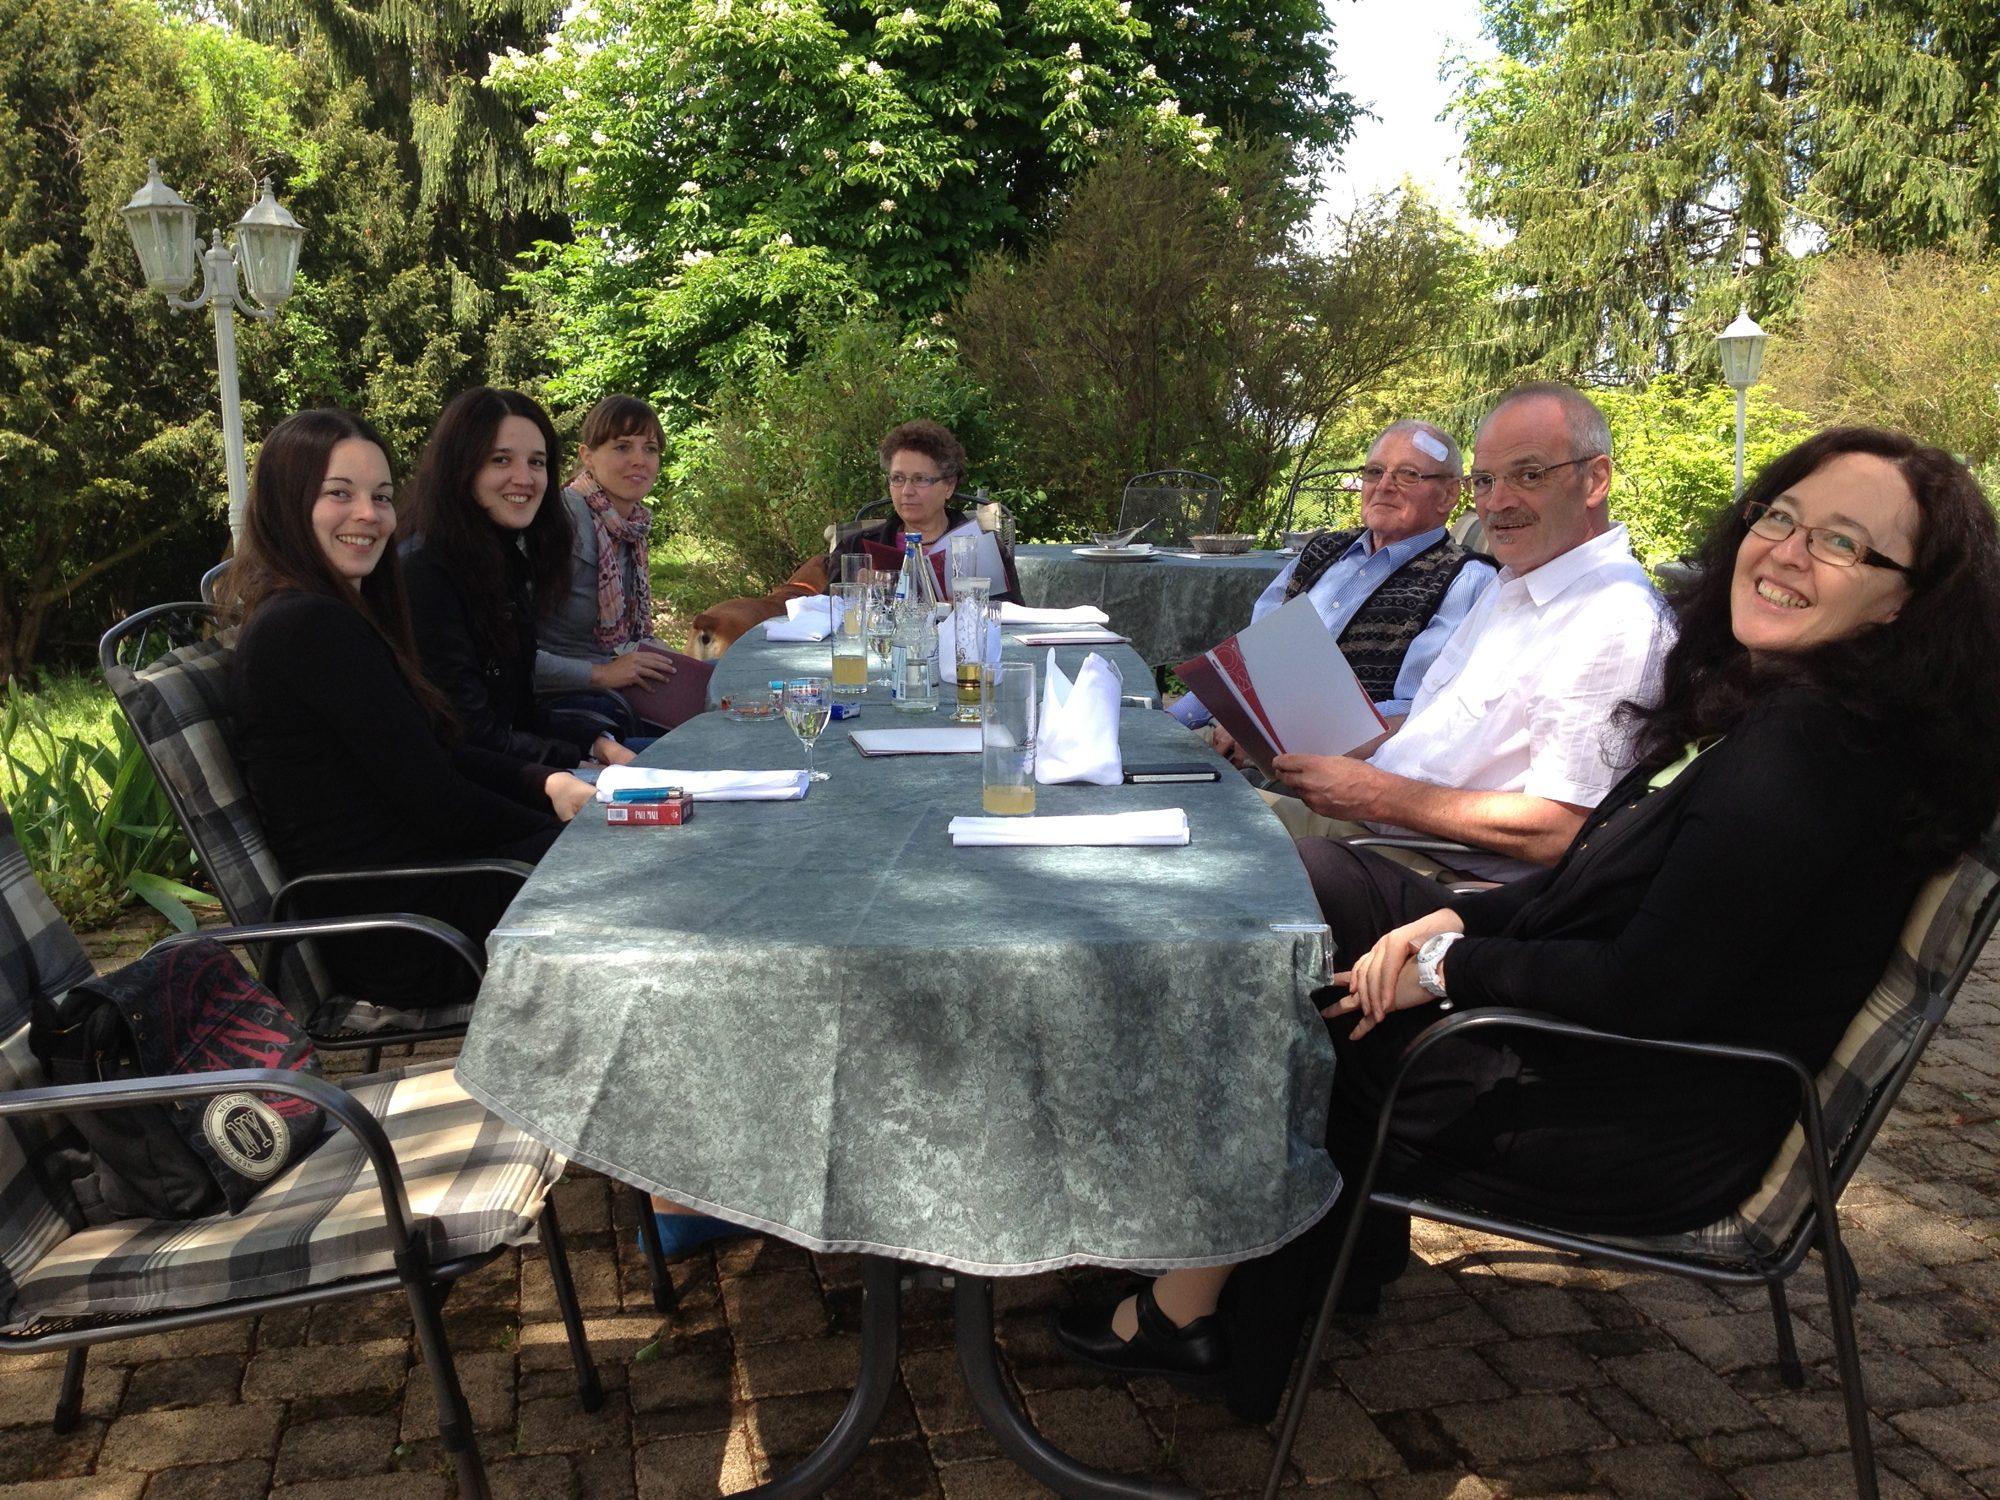 Von Links: Die Halbschwestern von Thilo, Sabrina und Tamara, die Verlobte Luisa, Thilo Mama, Großvater (mit Pflaschder), Vater und die zweite (Ex)-Frau von Thilos Vater.